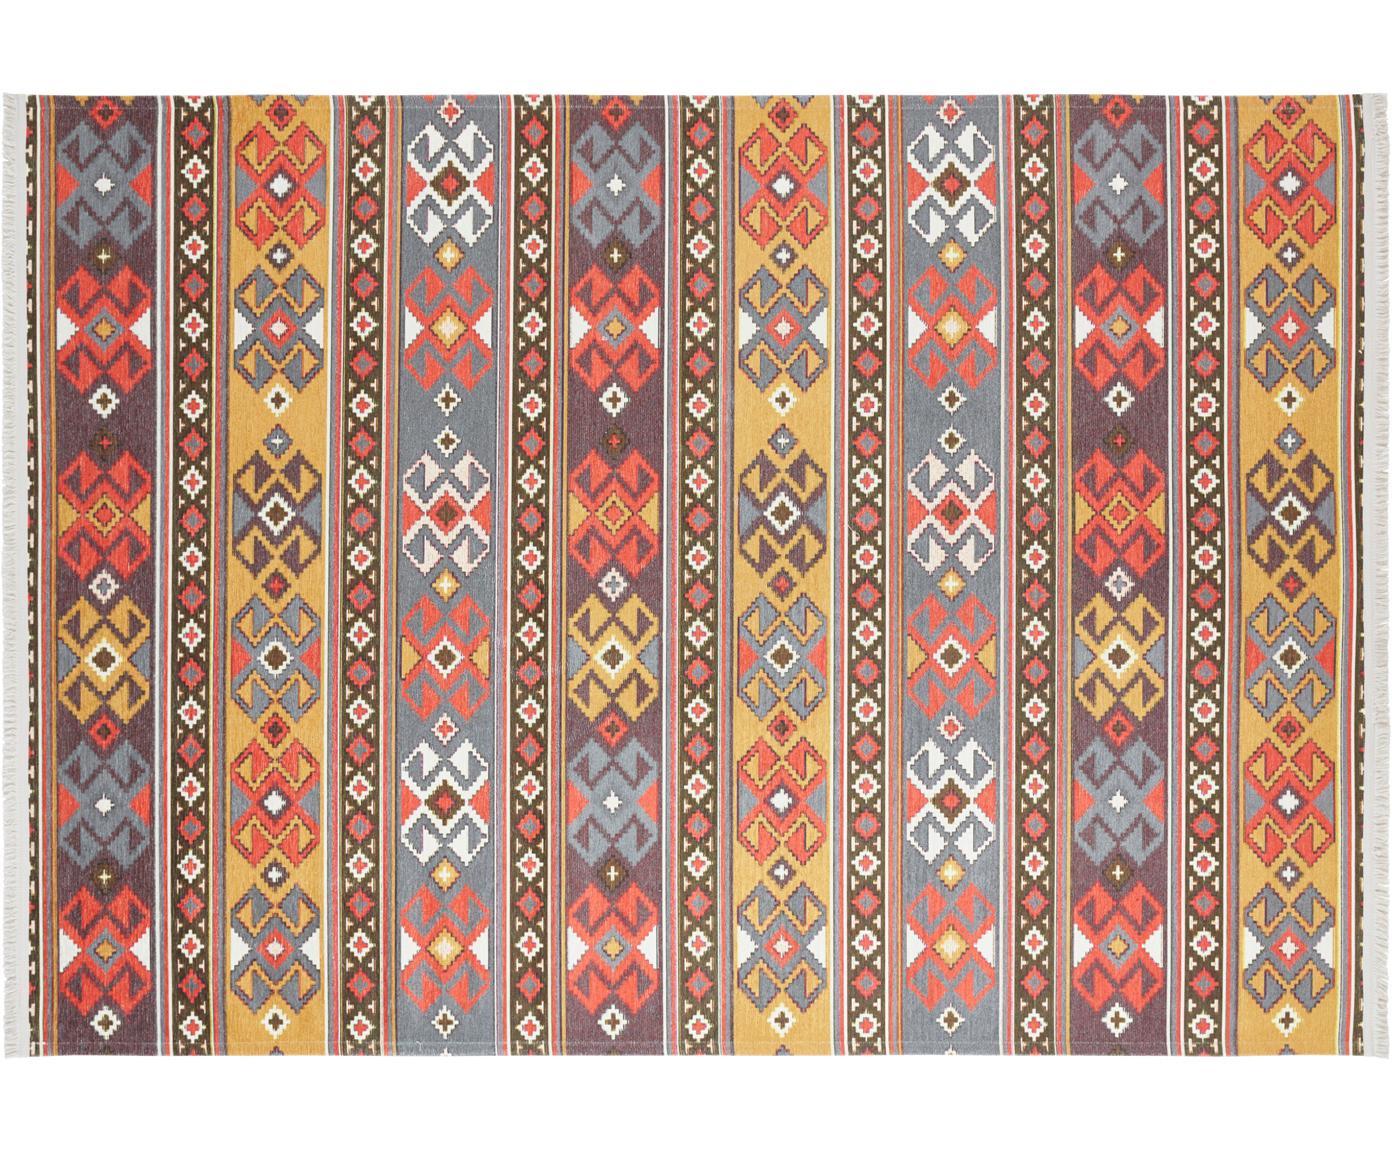 Tappeto in stile orientale Kevan, Retro: poliestere, Multicolore, Larg. 160 x Lung. 230 cm (taglia M)